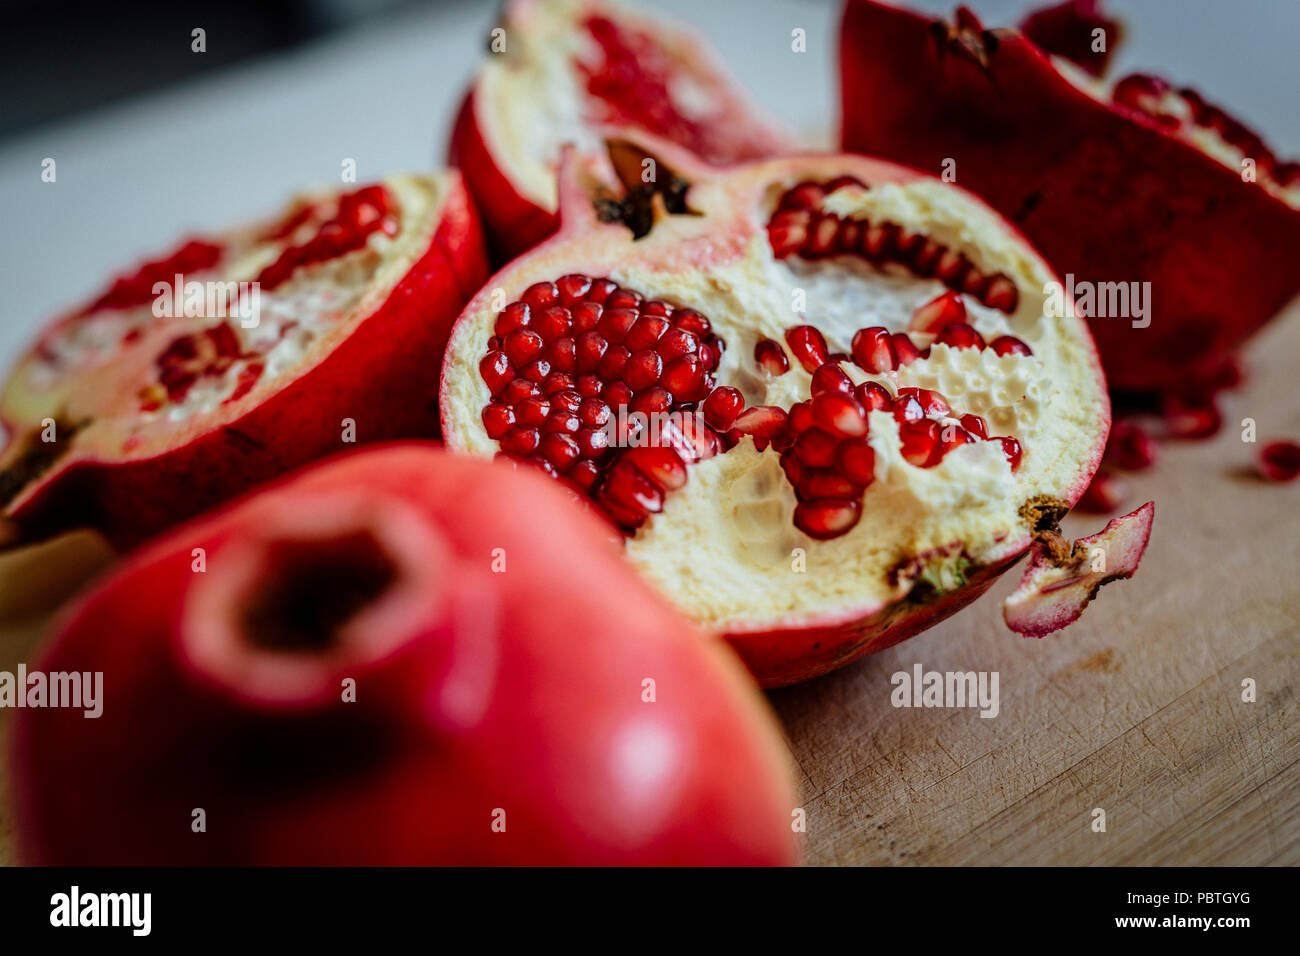 Frischer Granatapfel auf Holz- Hintergrund. Stockbild